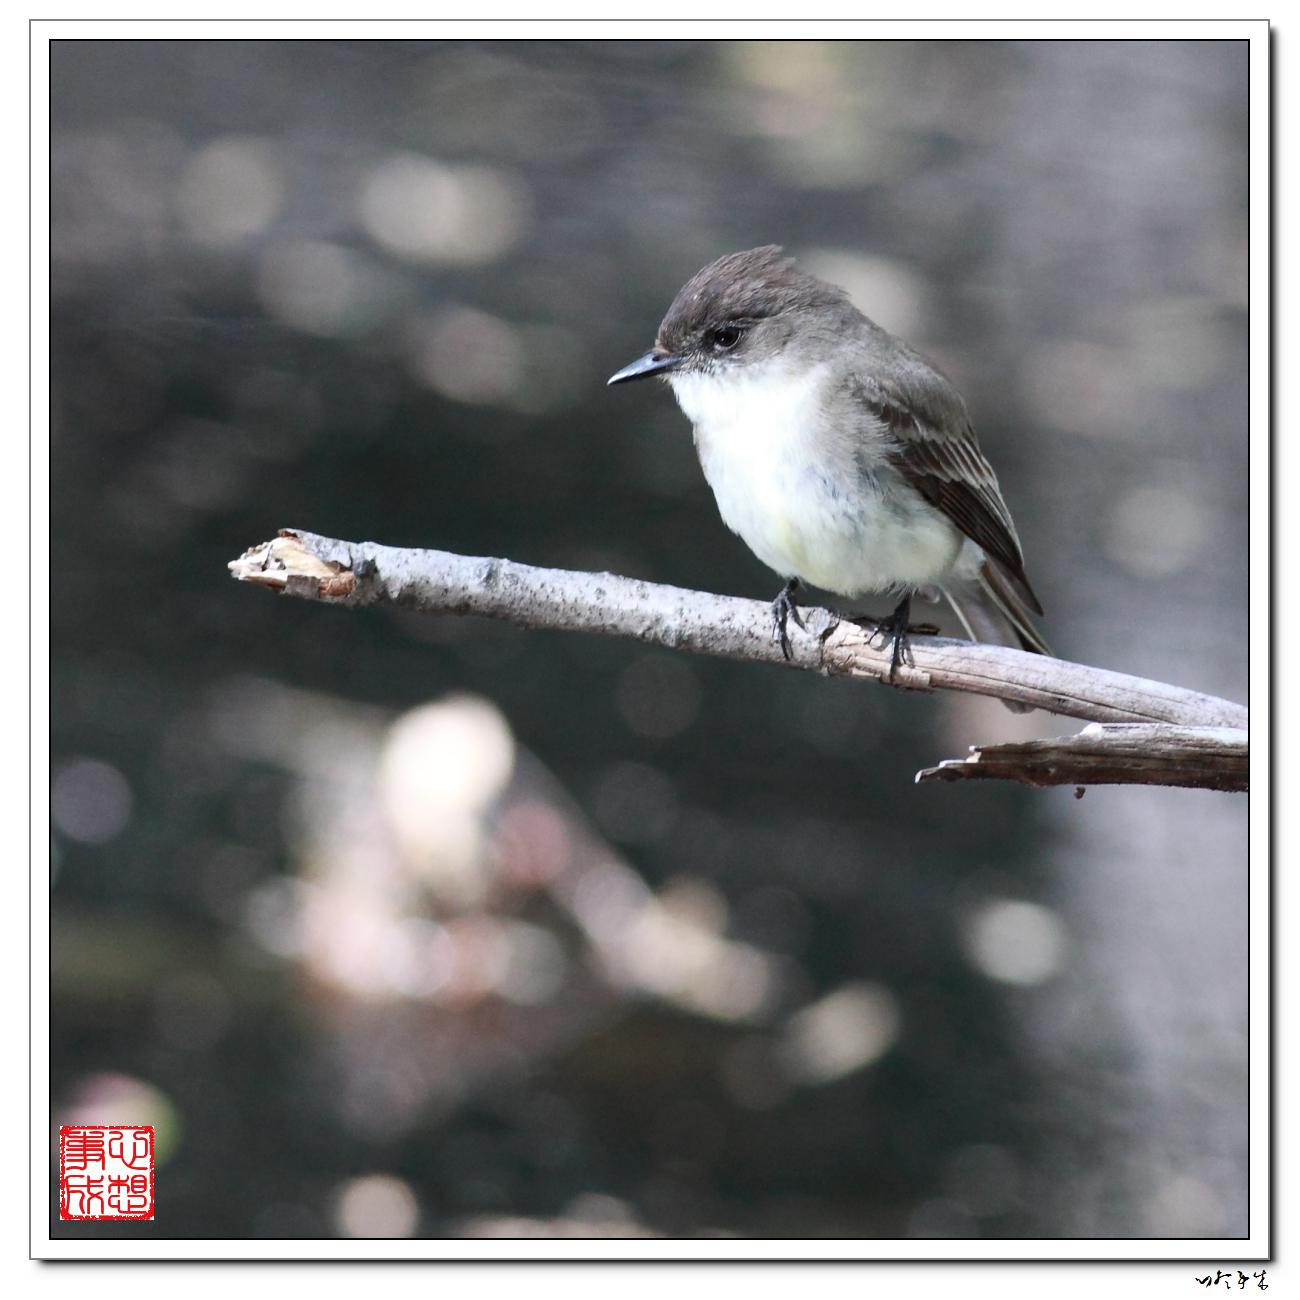 """【心想事成】""""我是一只小鸟""""_图1-11"""